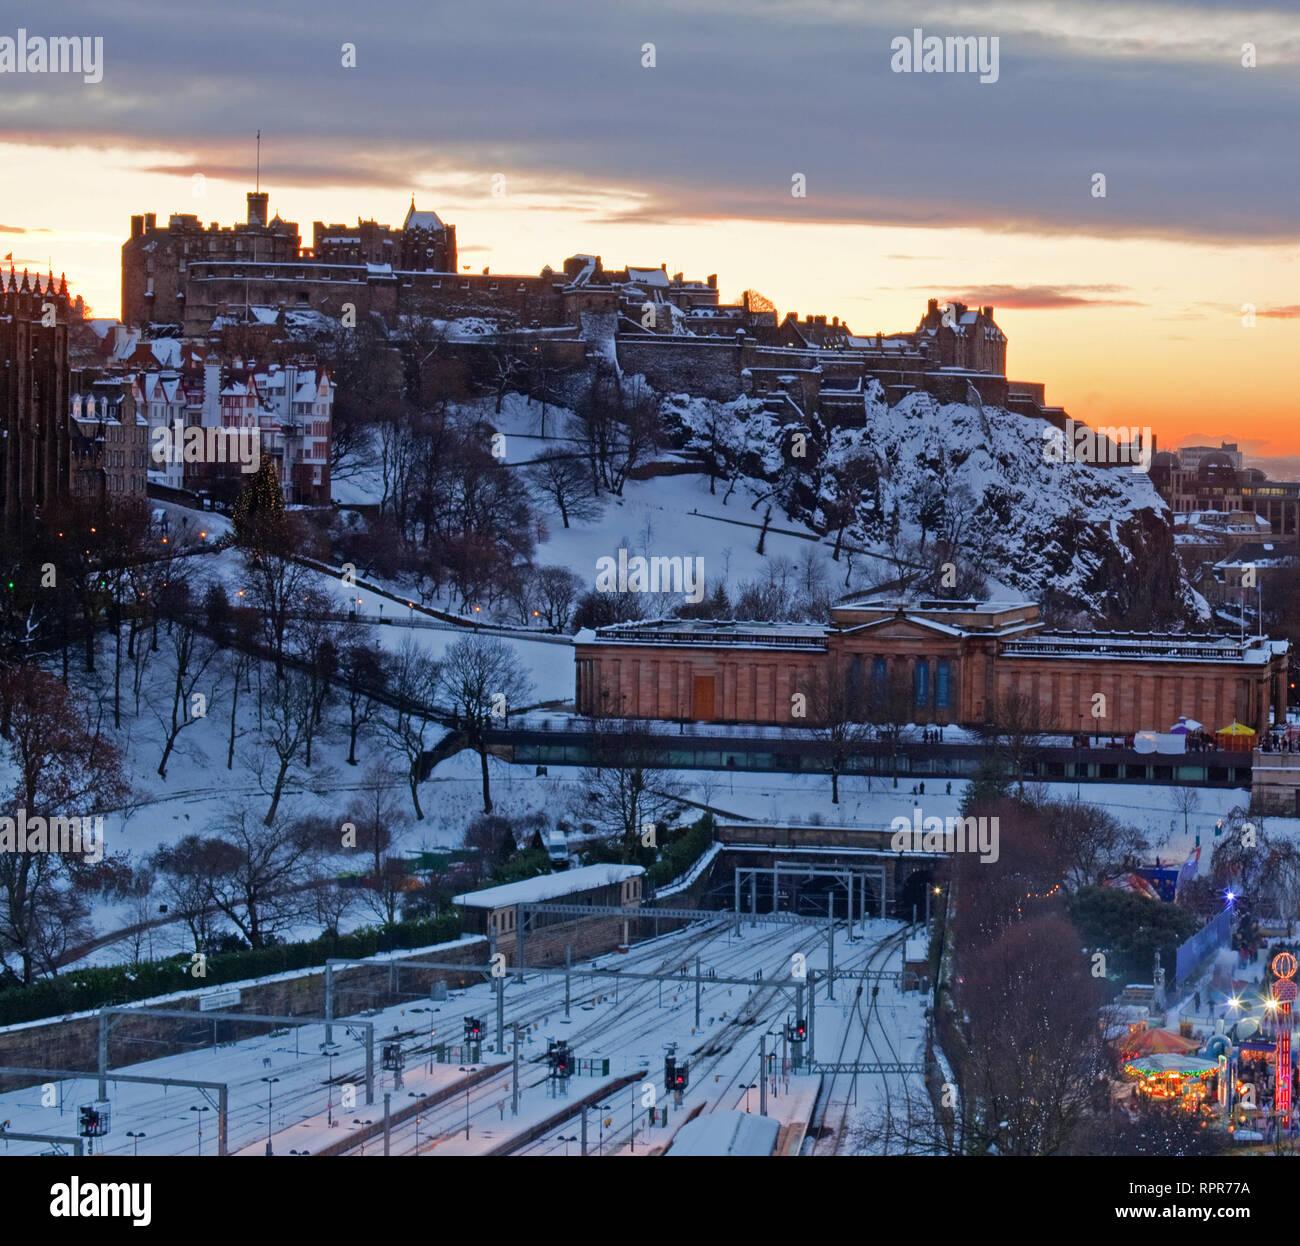 Edinburgh Castle in winter, Scotland Stock Photo